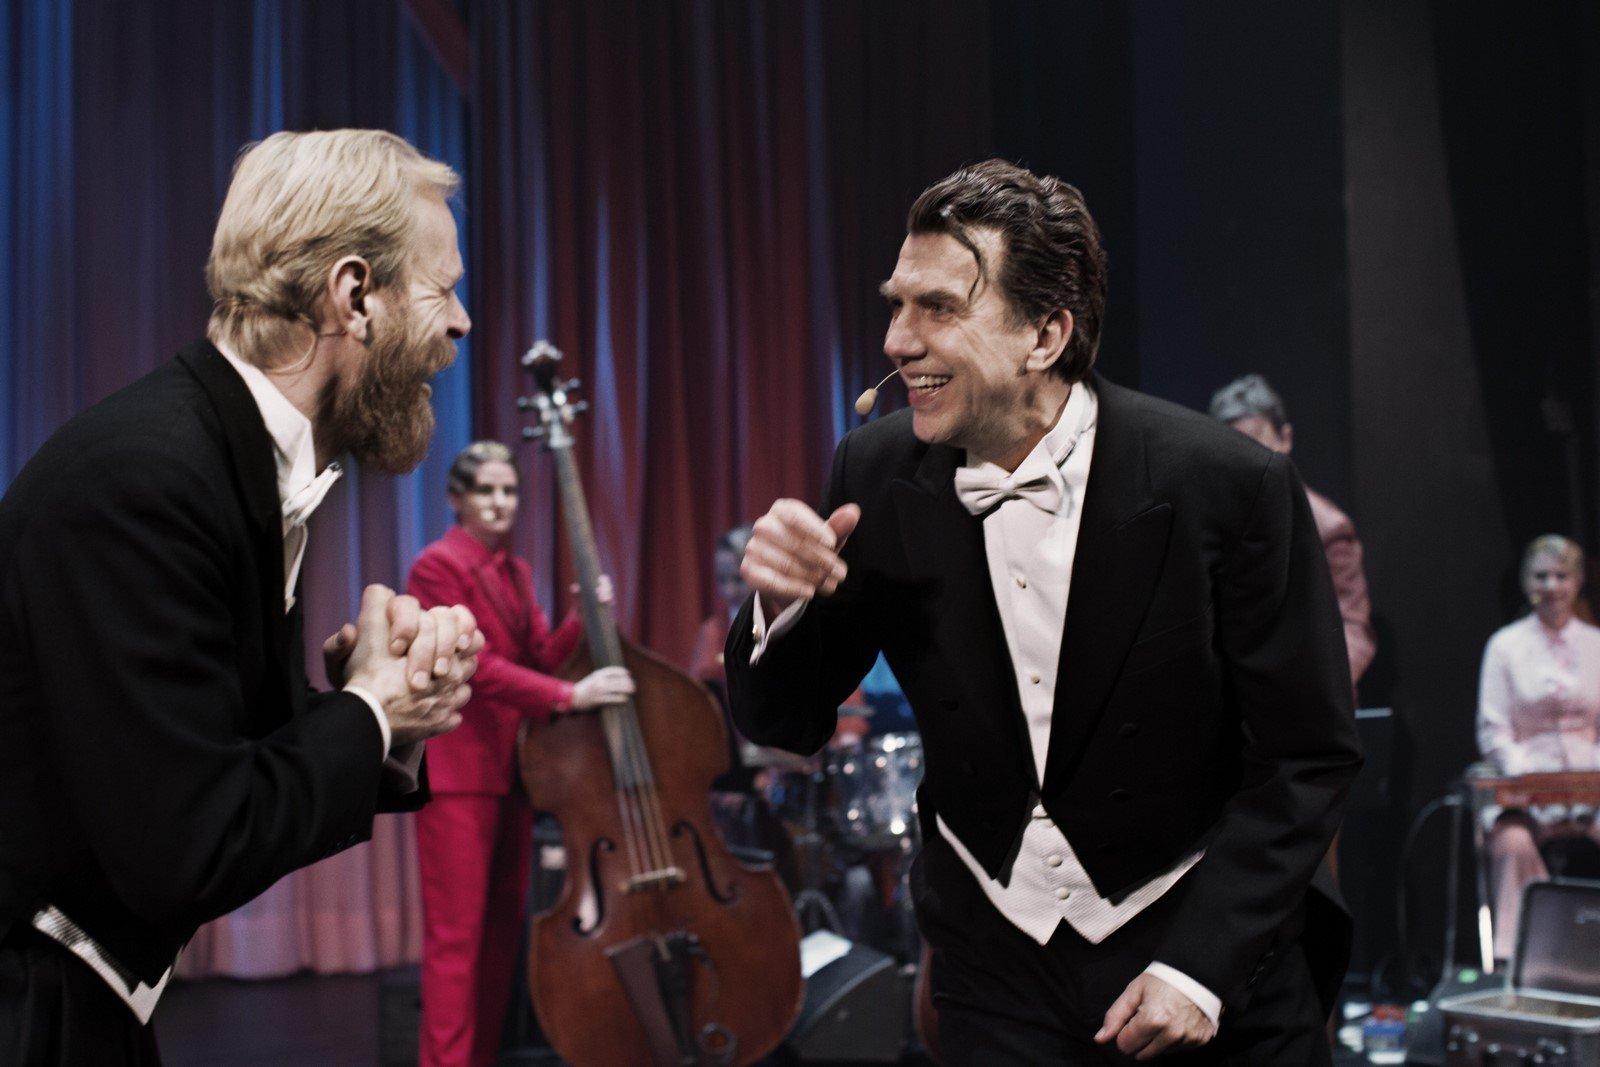 Anmeldelse: Syng dansk, Bellevue Teatret